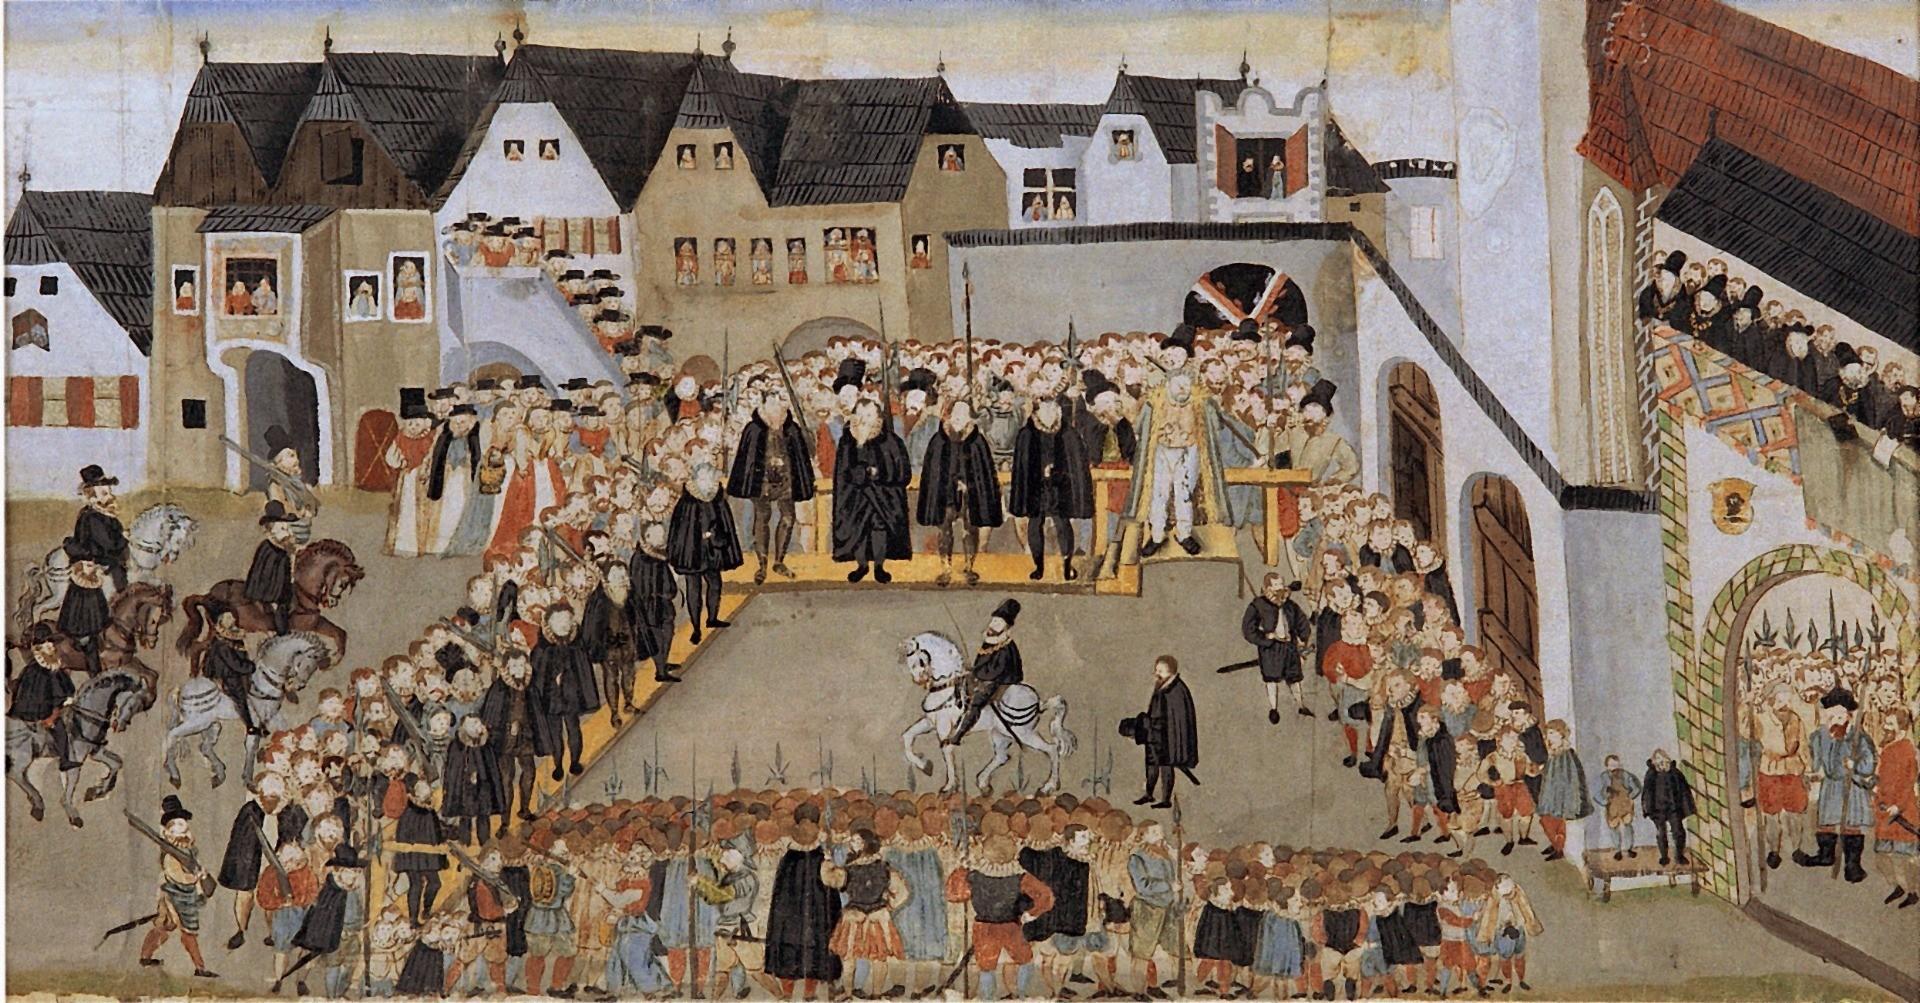 Bild 2 Verurteilung protestantischer Stadtrat Ebenperger 1587.jpg